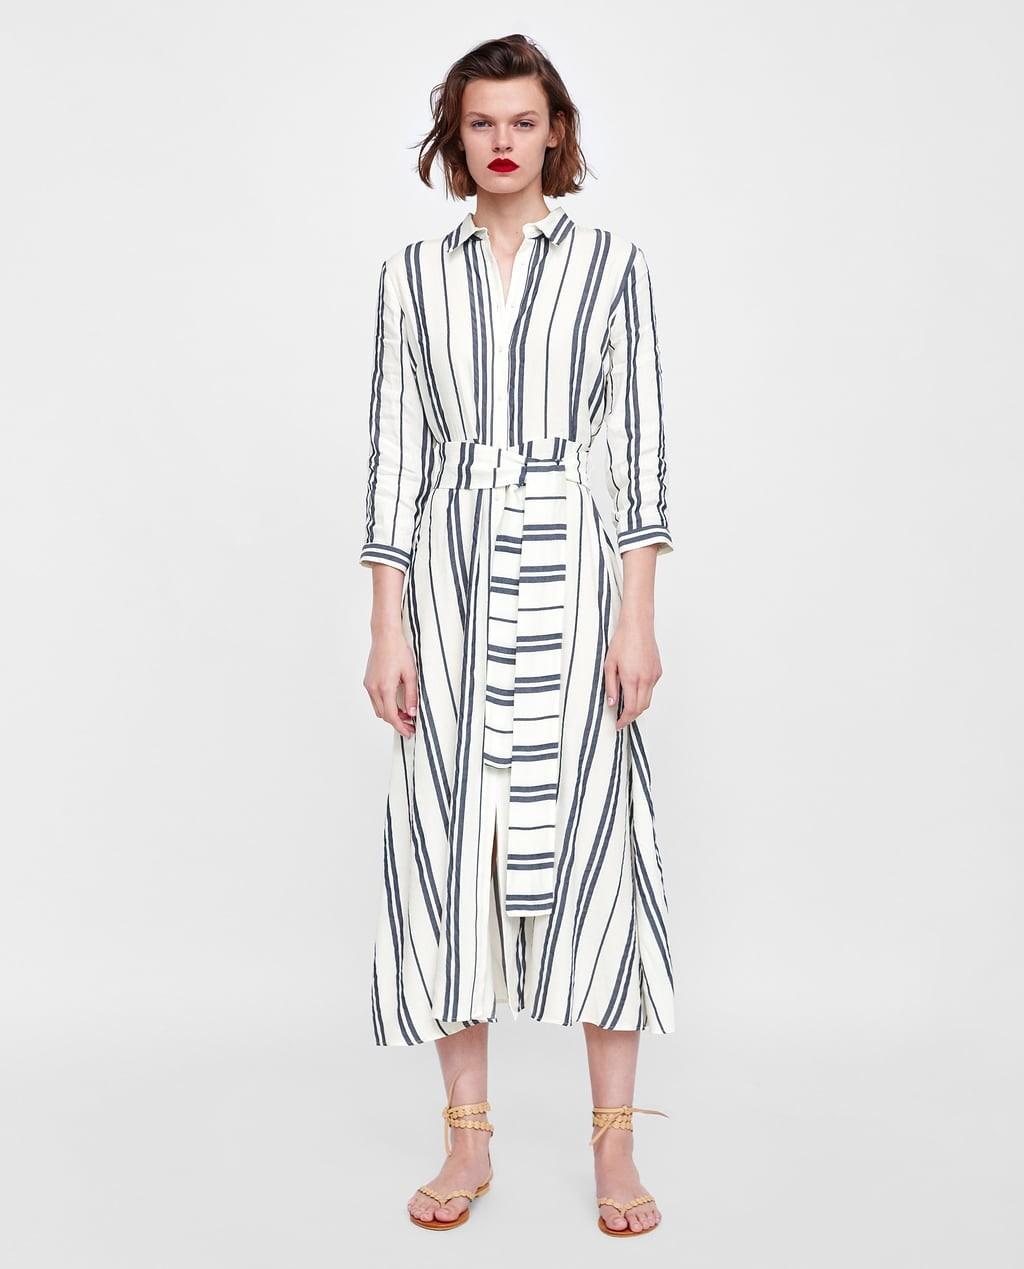 099837ec75d Мода 2019-2020 года в женской одежде  полосатое платье